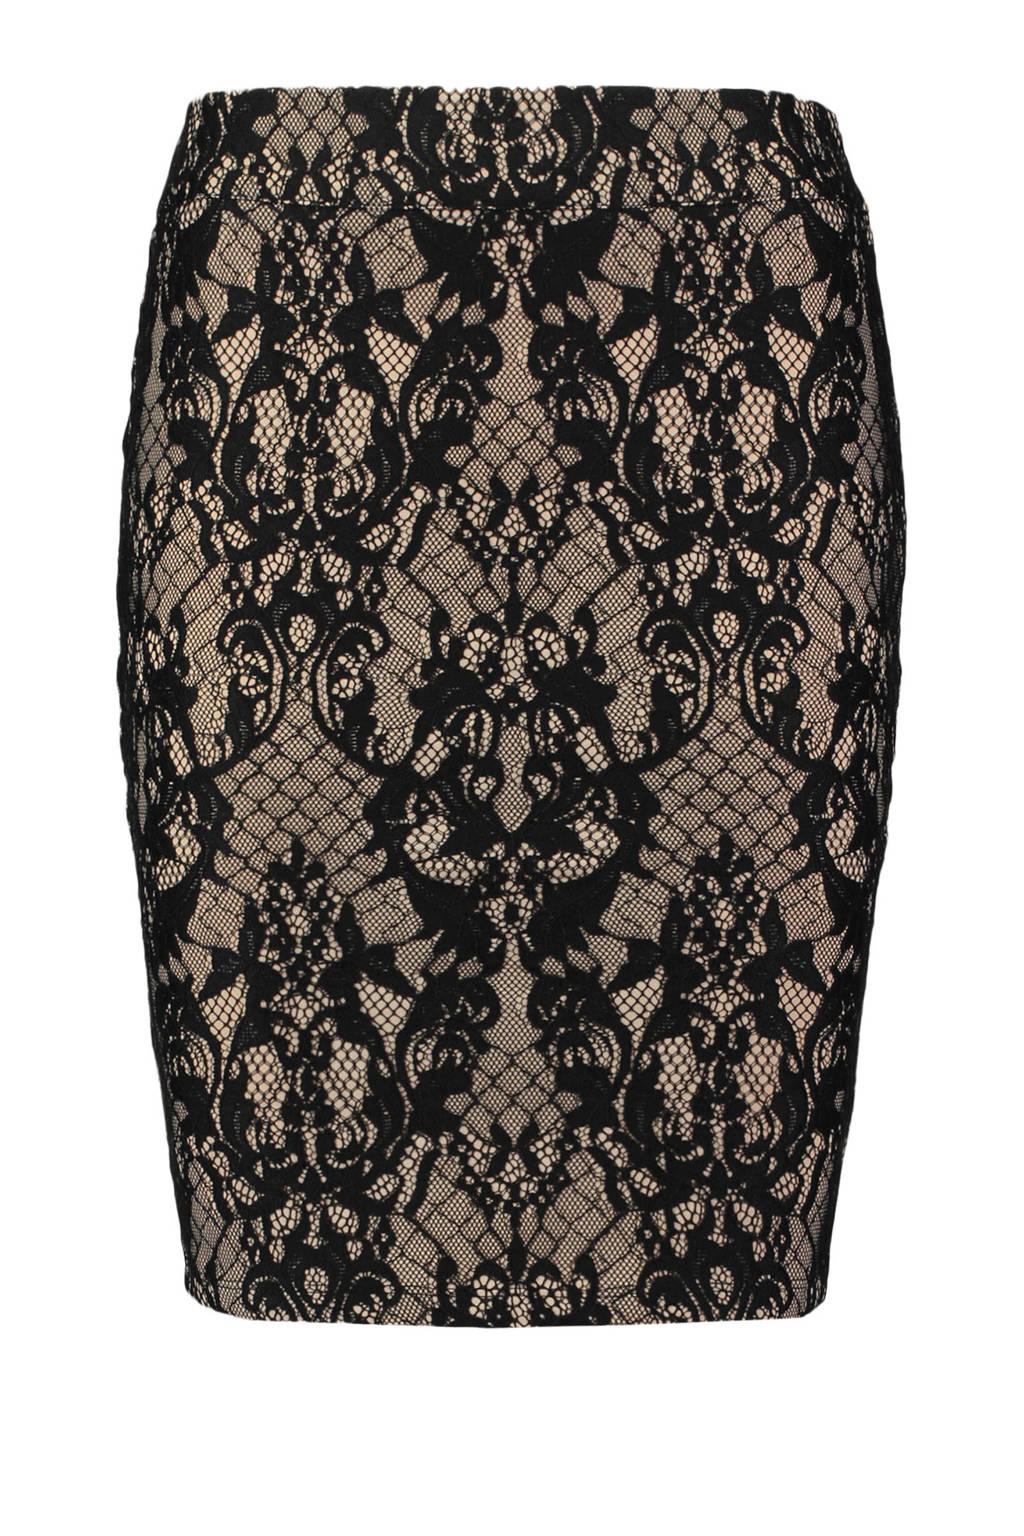 CoolCat high waist kokerrok met kantprint, Zwart